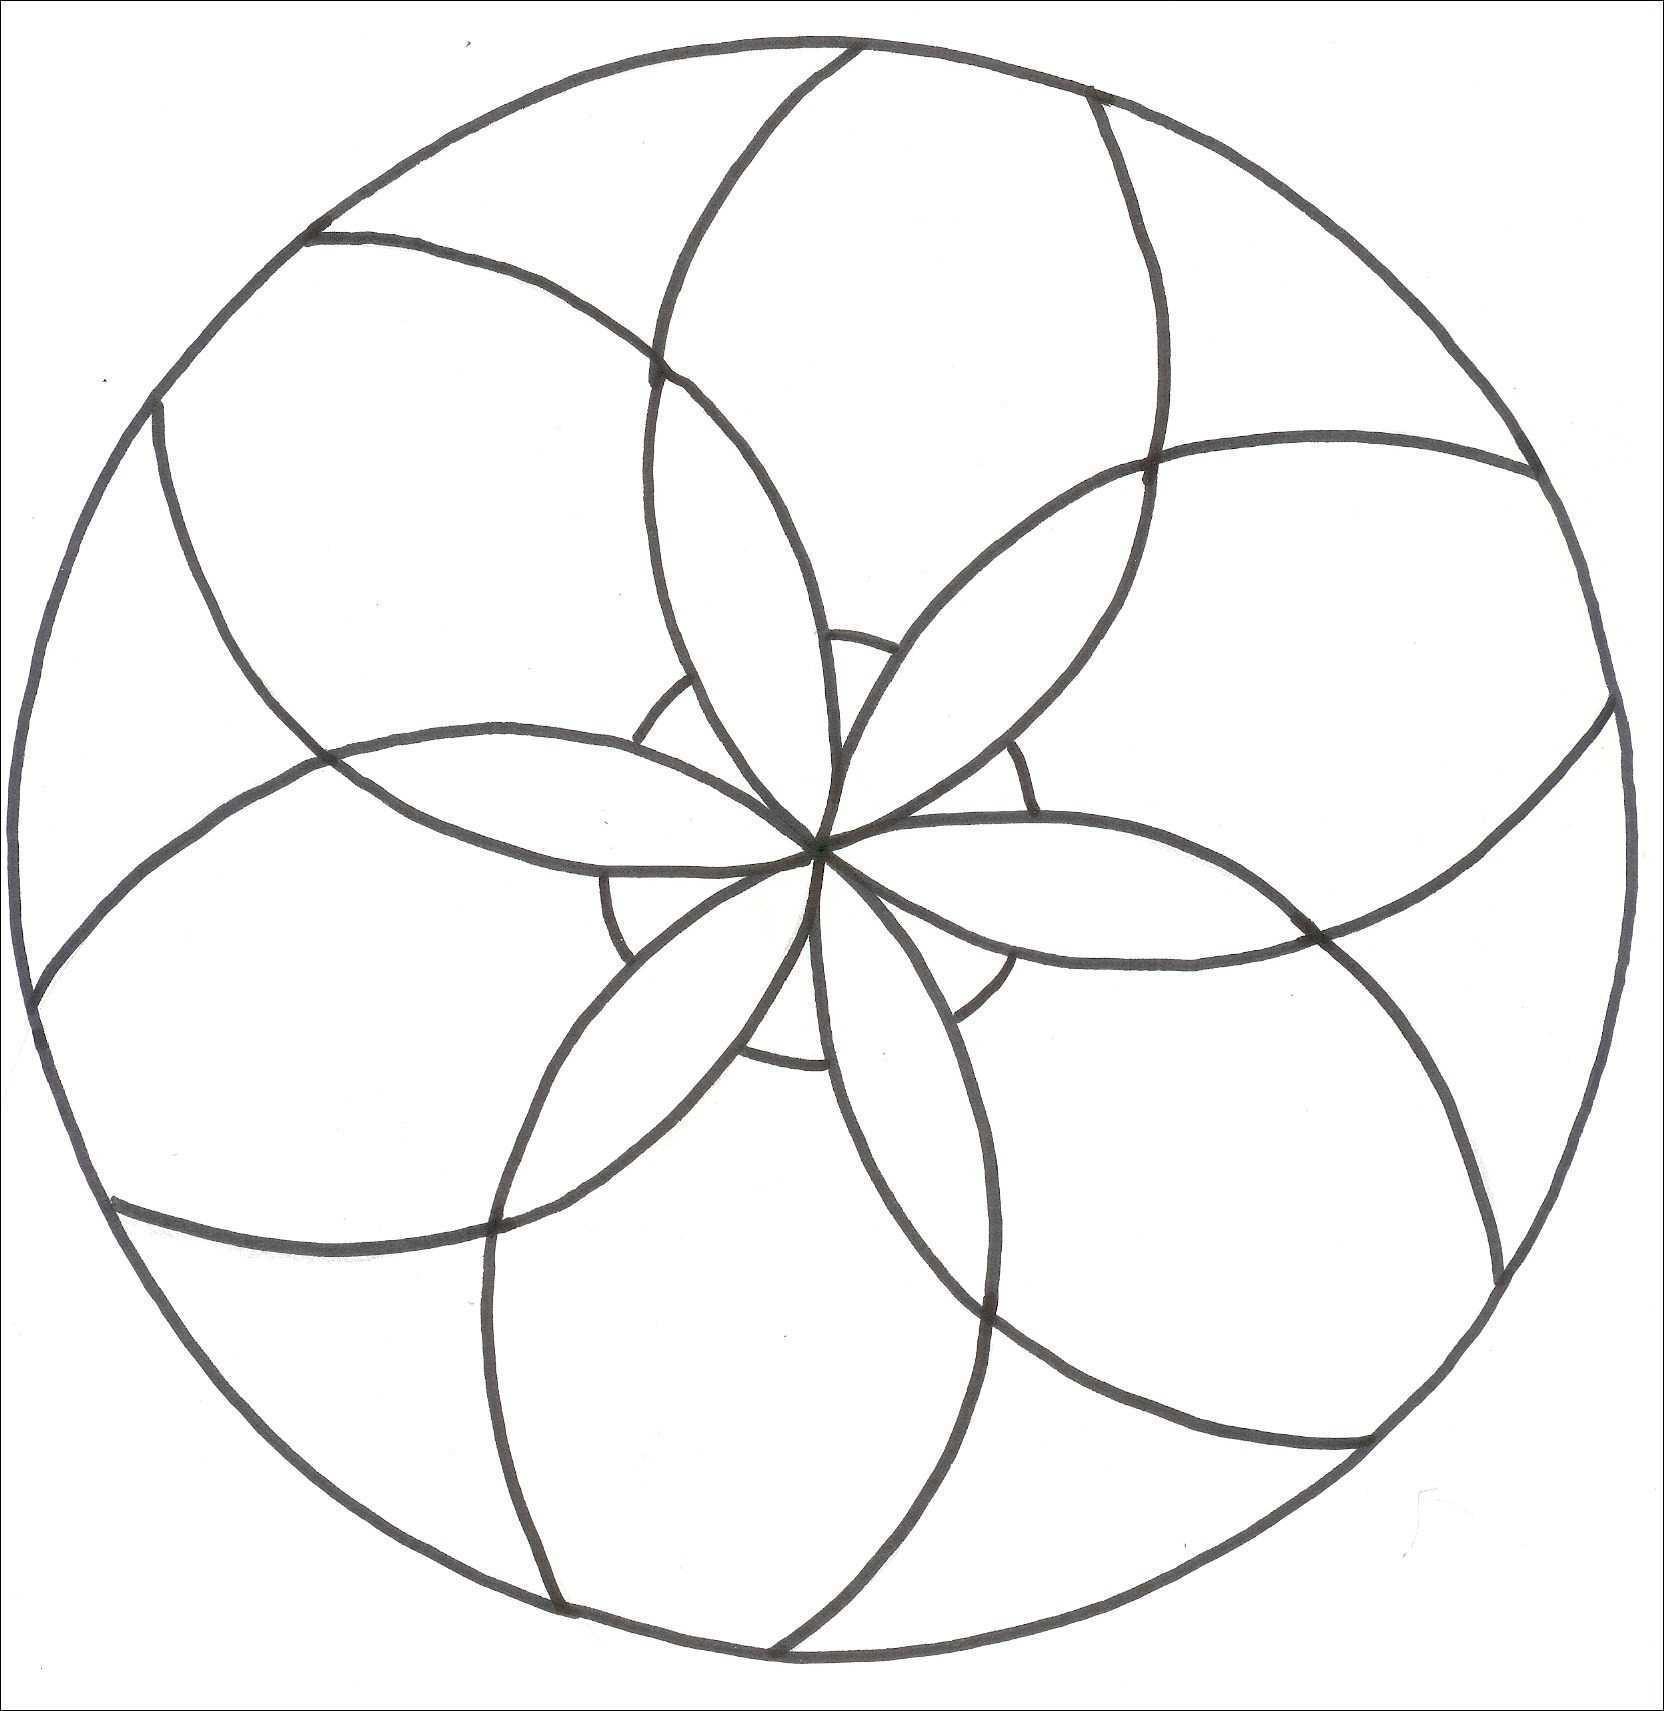 Sommer Bilder Zum Ausmalen Neu Keith Haring Malvorlagen Ideen Malvorlagen Mandala Mandala Ausmalen Das Bild